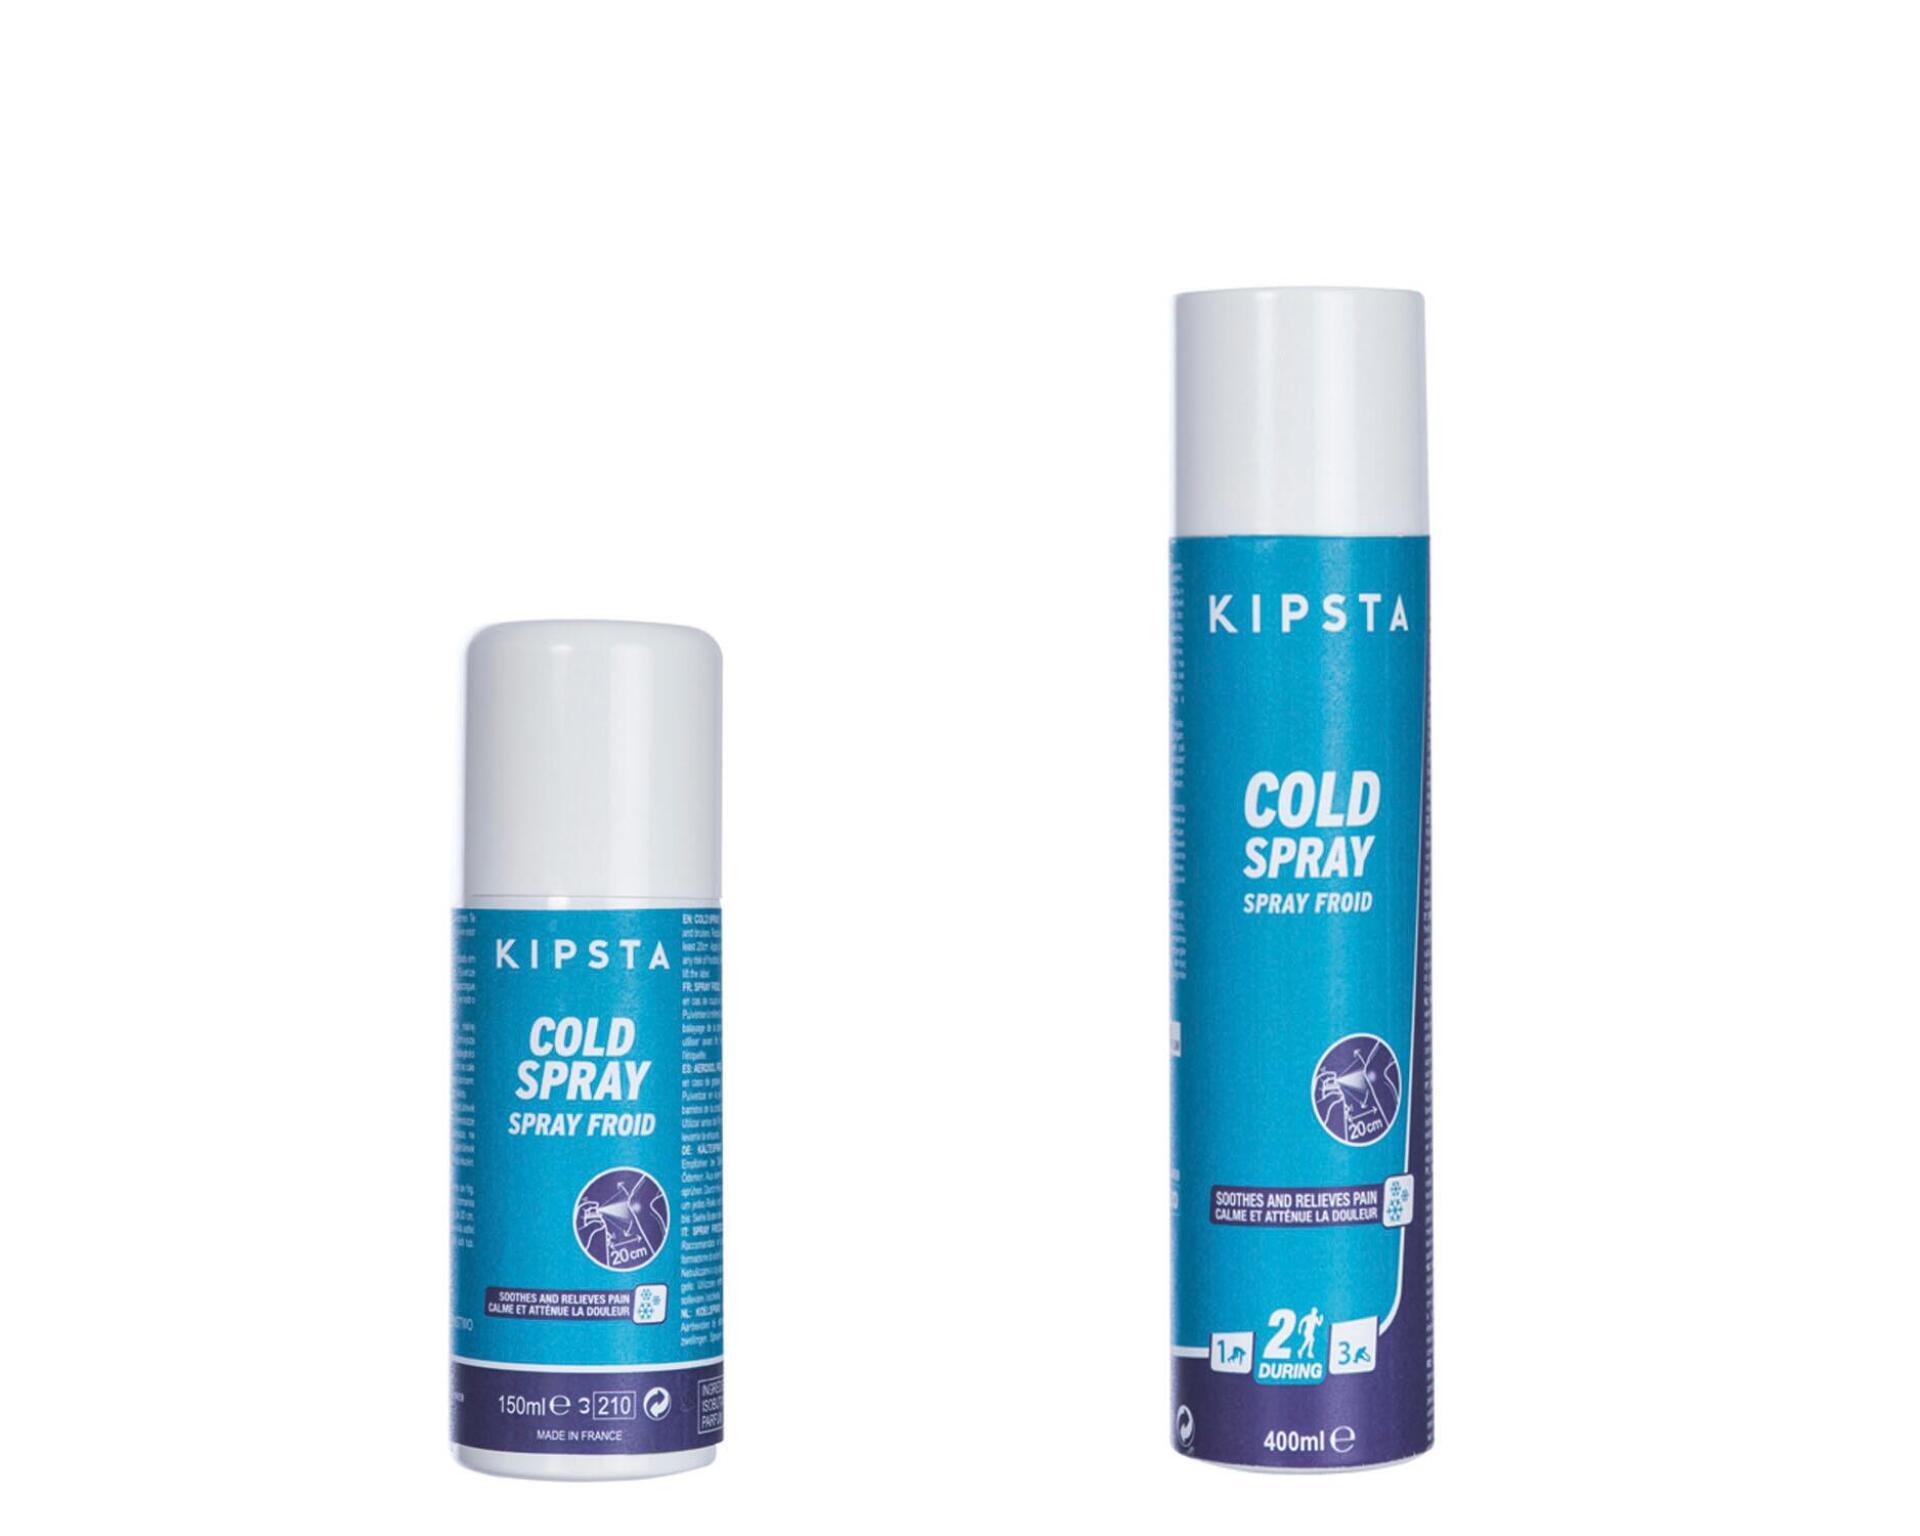 La gamme de soins froid